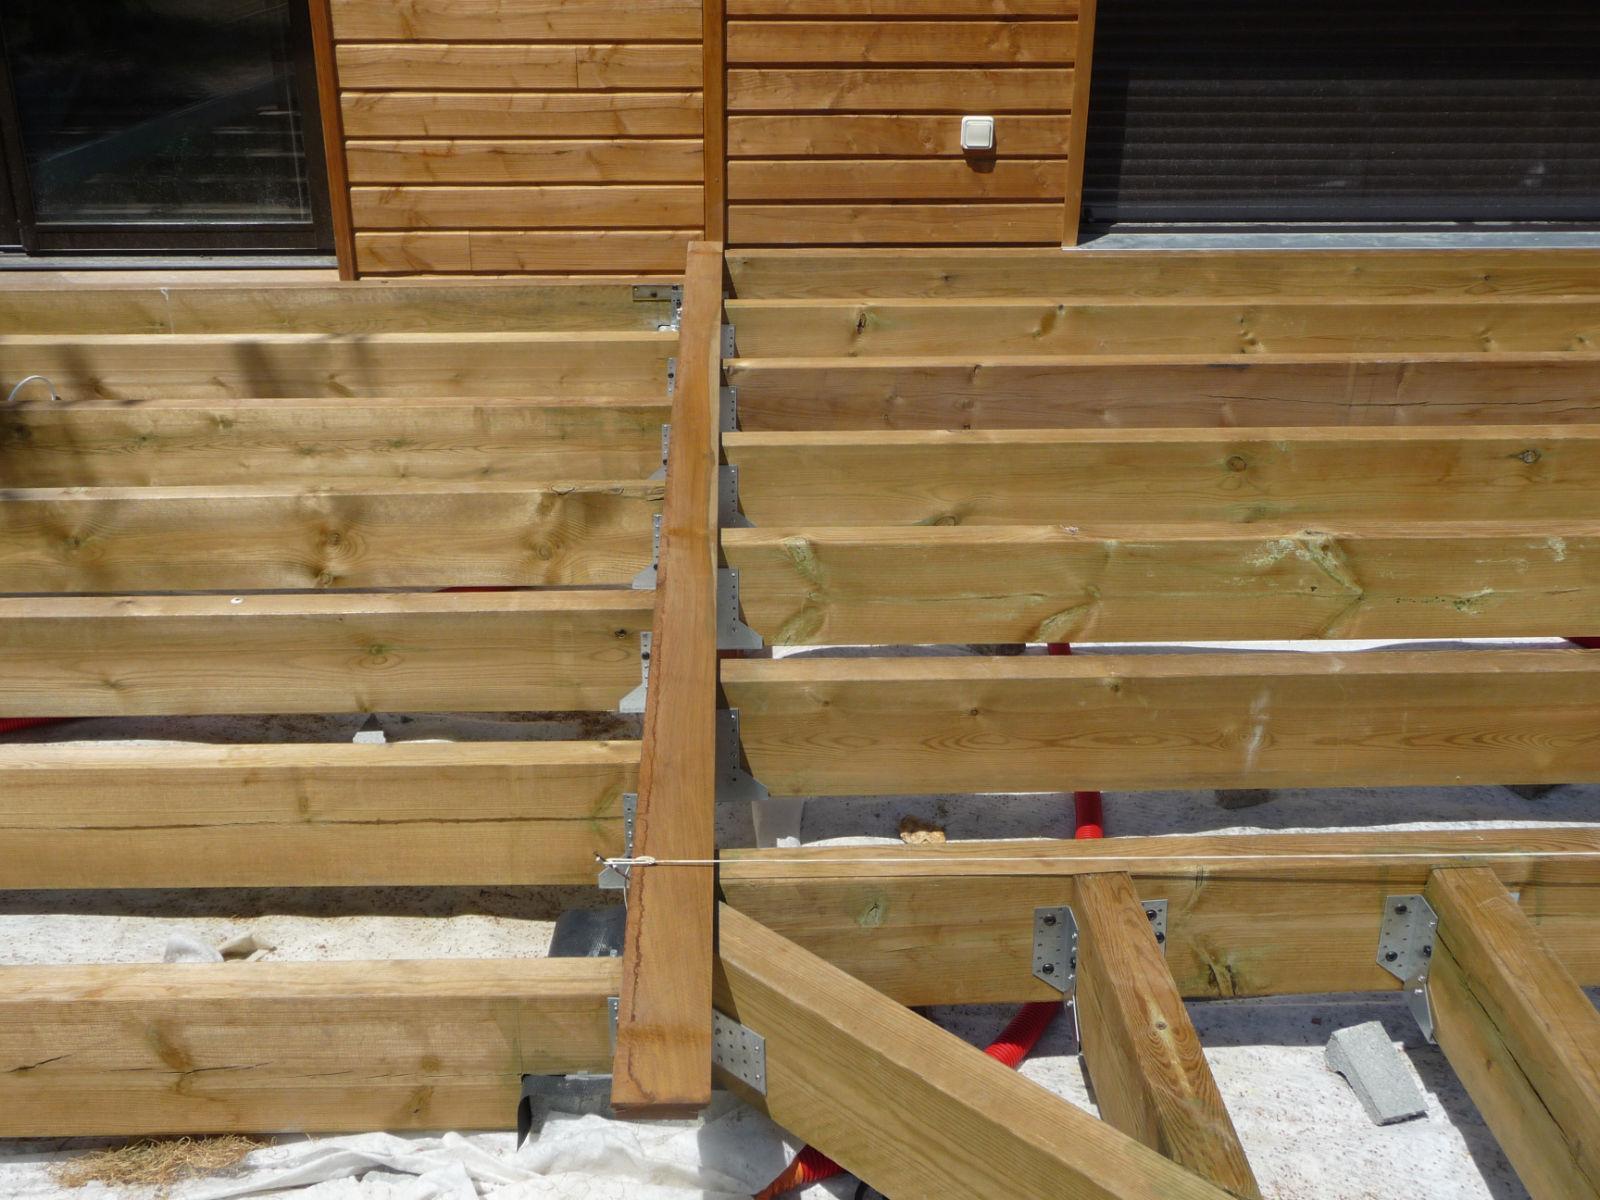 la pose des lames de bois construire sa terrasse en bois sur plots en b ton. Black Bedroom Furniture Sets. Home Design Ideas